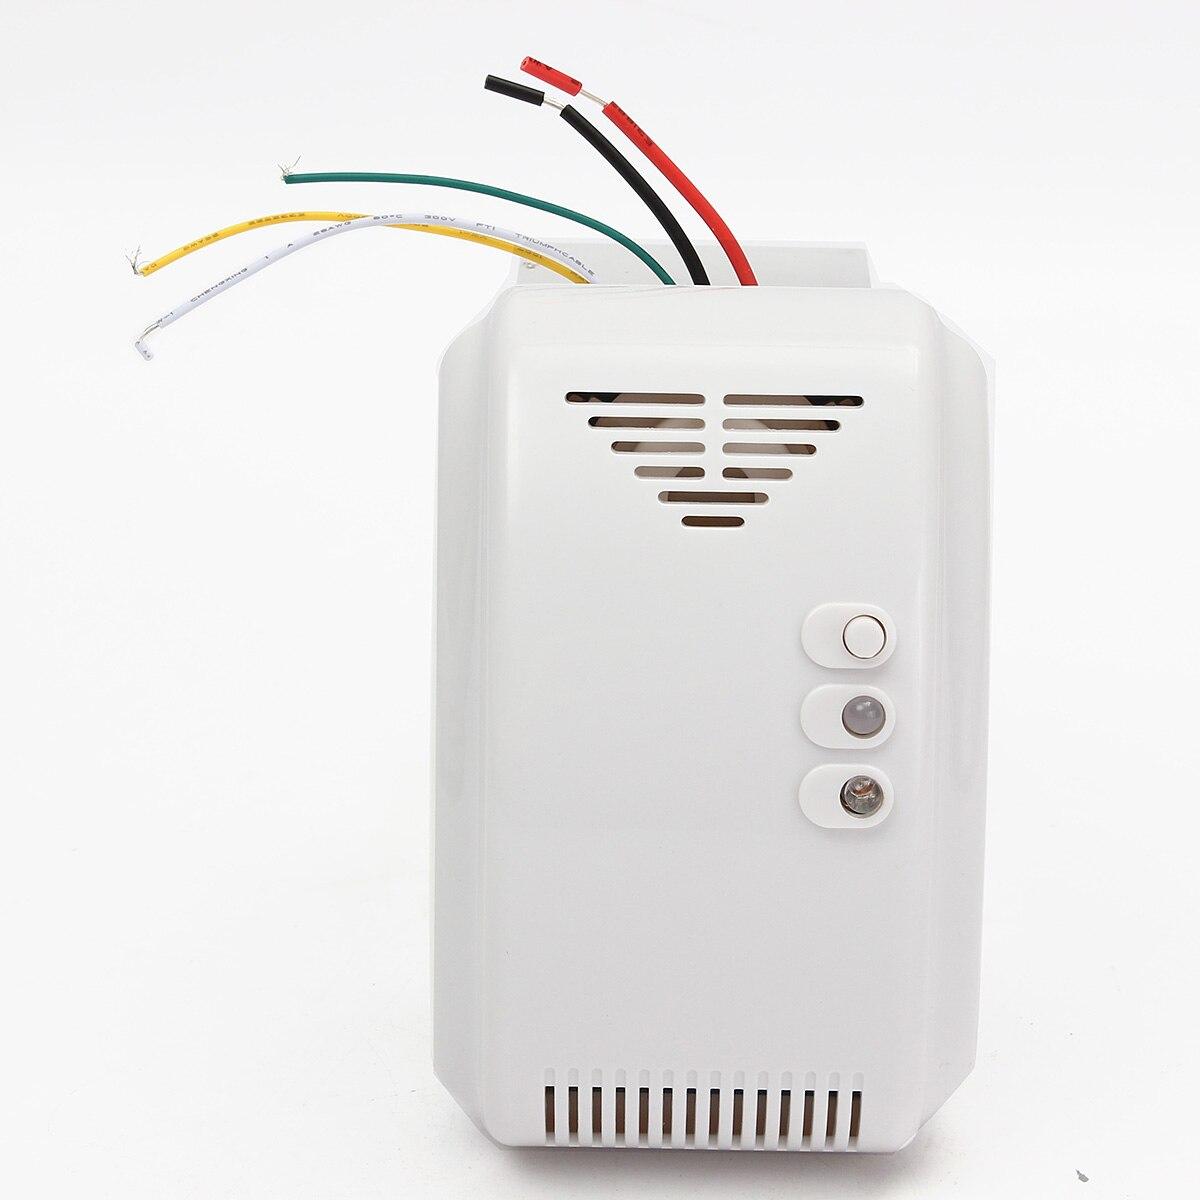 12 V Gas Detektor Sensor Alarm Propan Butan LPG Erdgas Wohnmobil Für Zuhause Alarmanlage Sicherheit